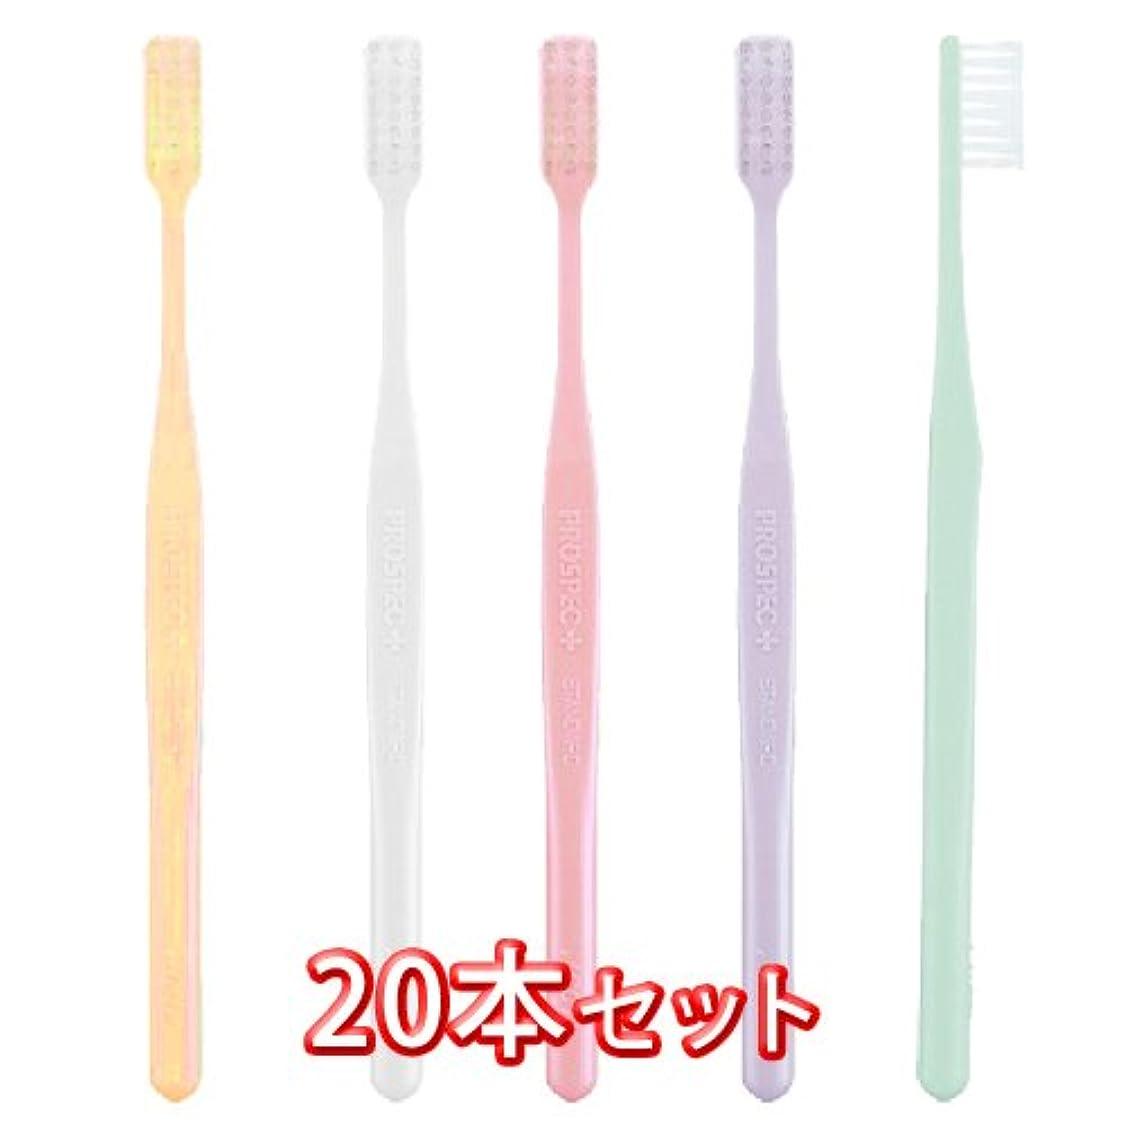 卒業リクルート可塑性プロスペック 歯ブラシ プラススタンダード 20本入 Mふつう